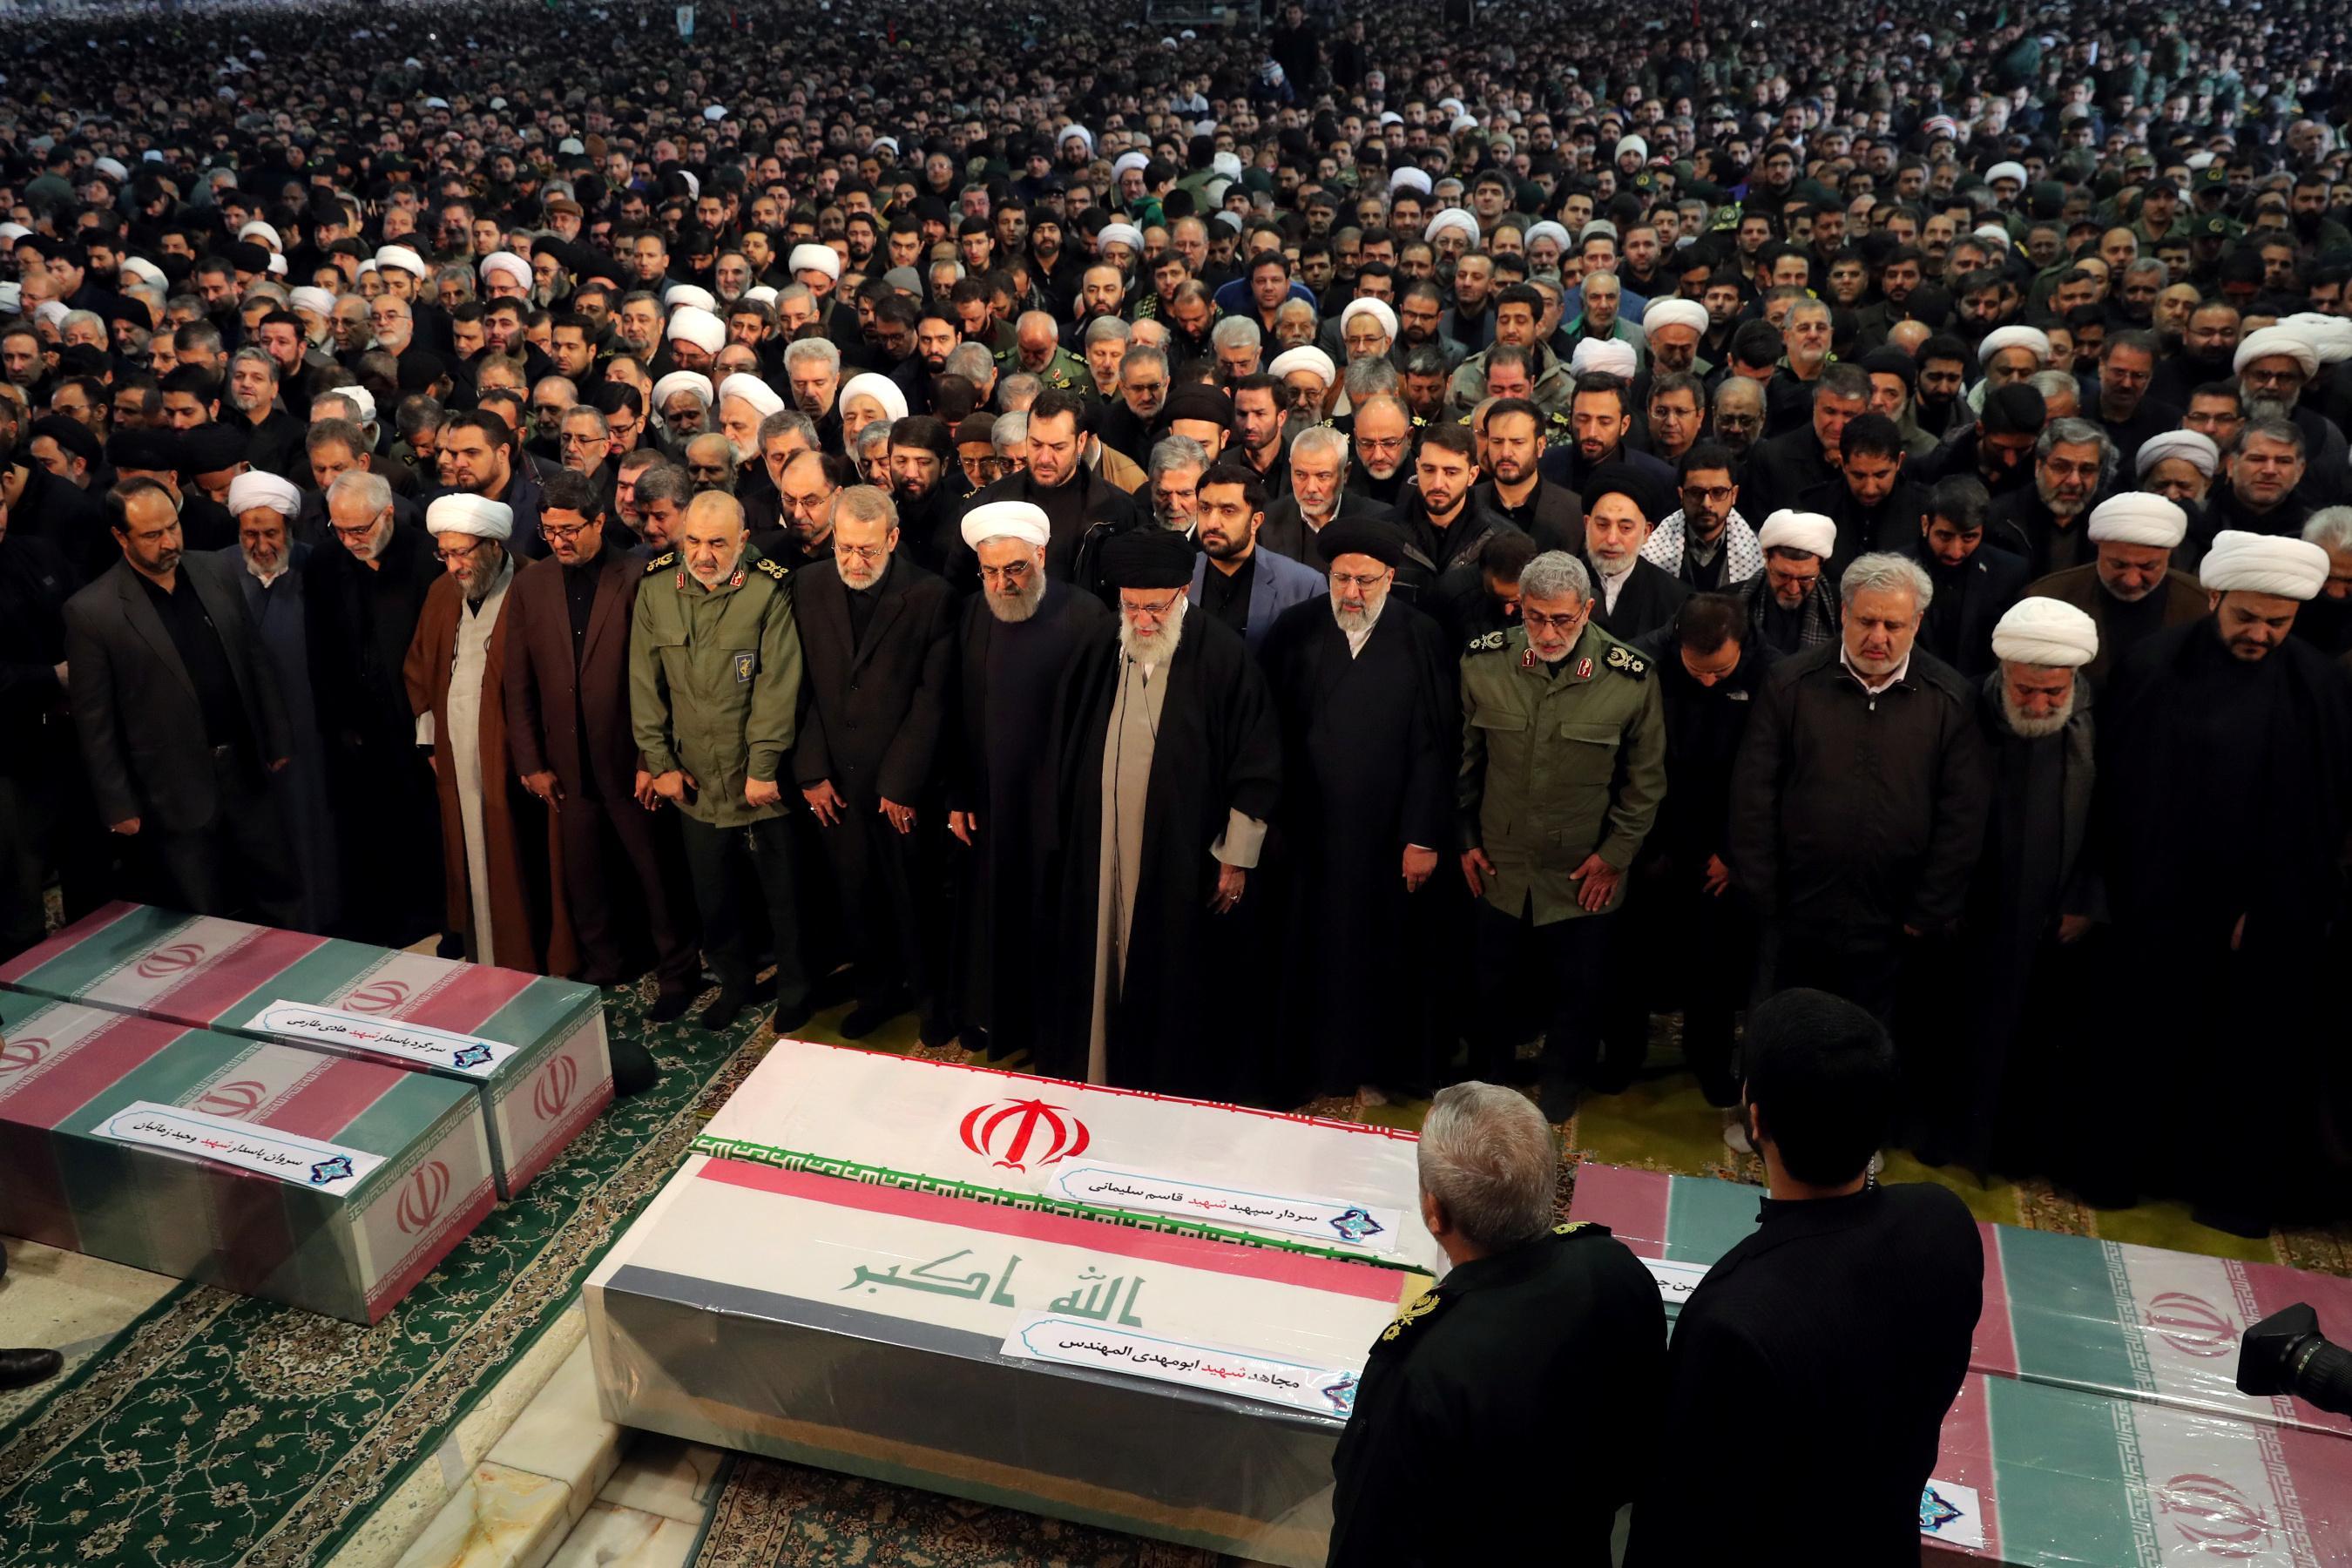 Le chef suprême pleure alors qu'une vaste foule pleure le général assassiné à Téhéran